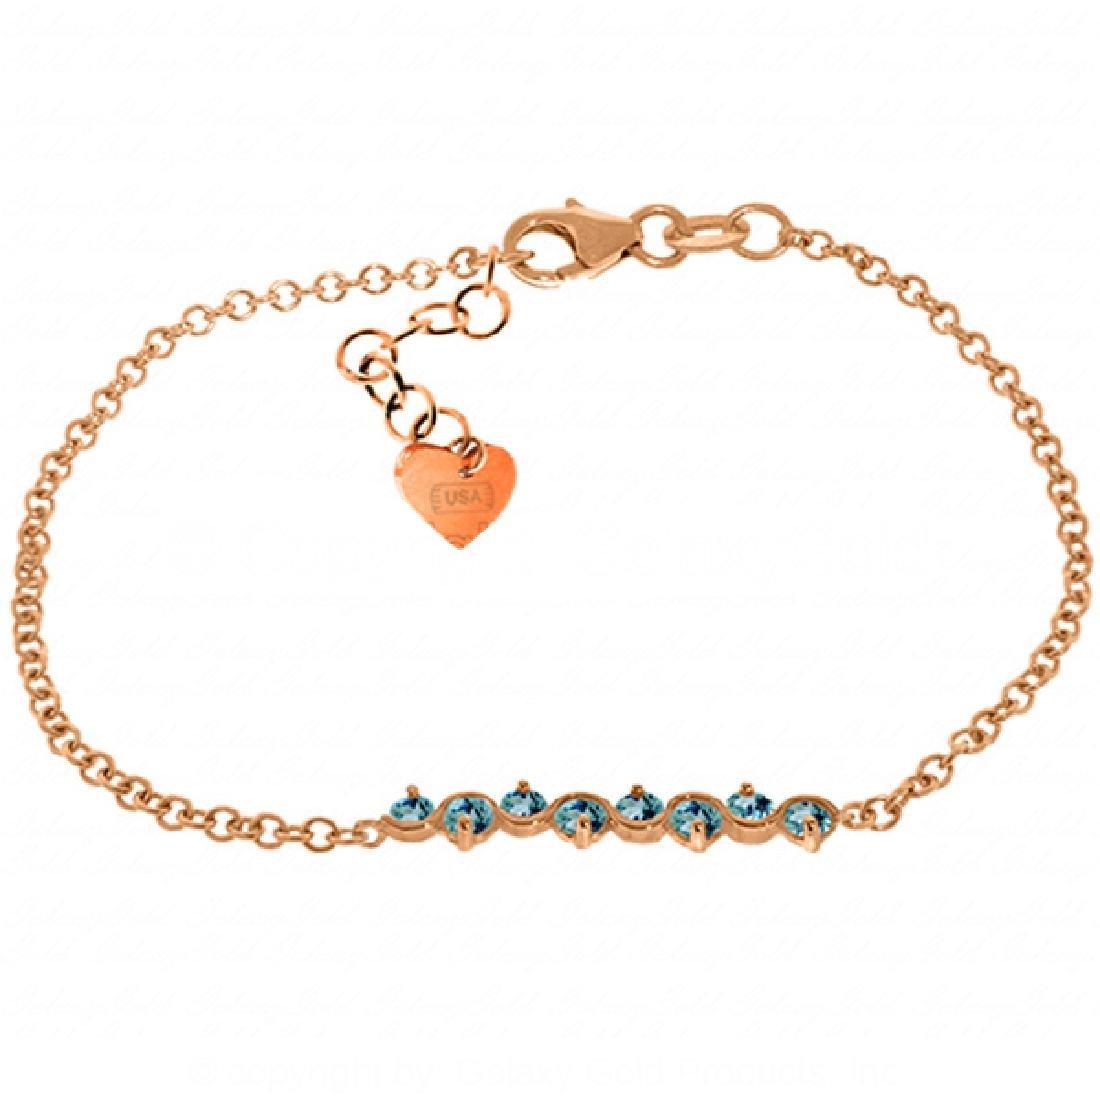 Genuine 1.55 ctw Blue Topaz Bracelet Jewelry 14KT Rose